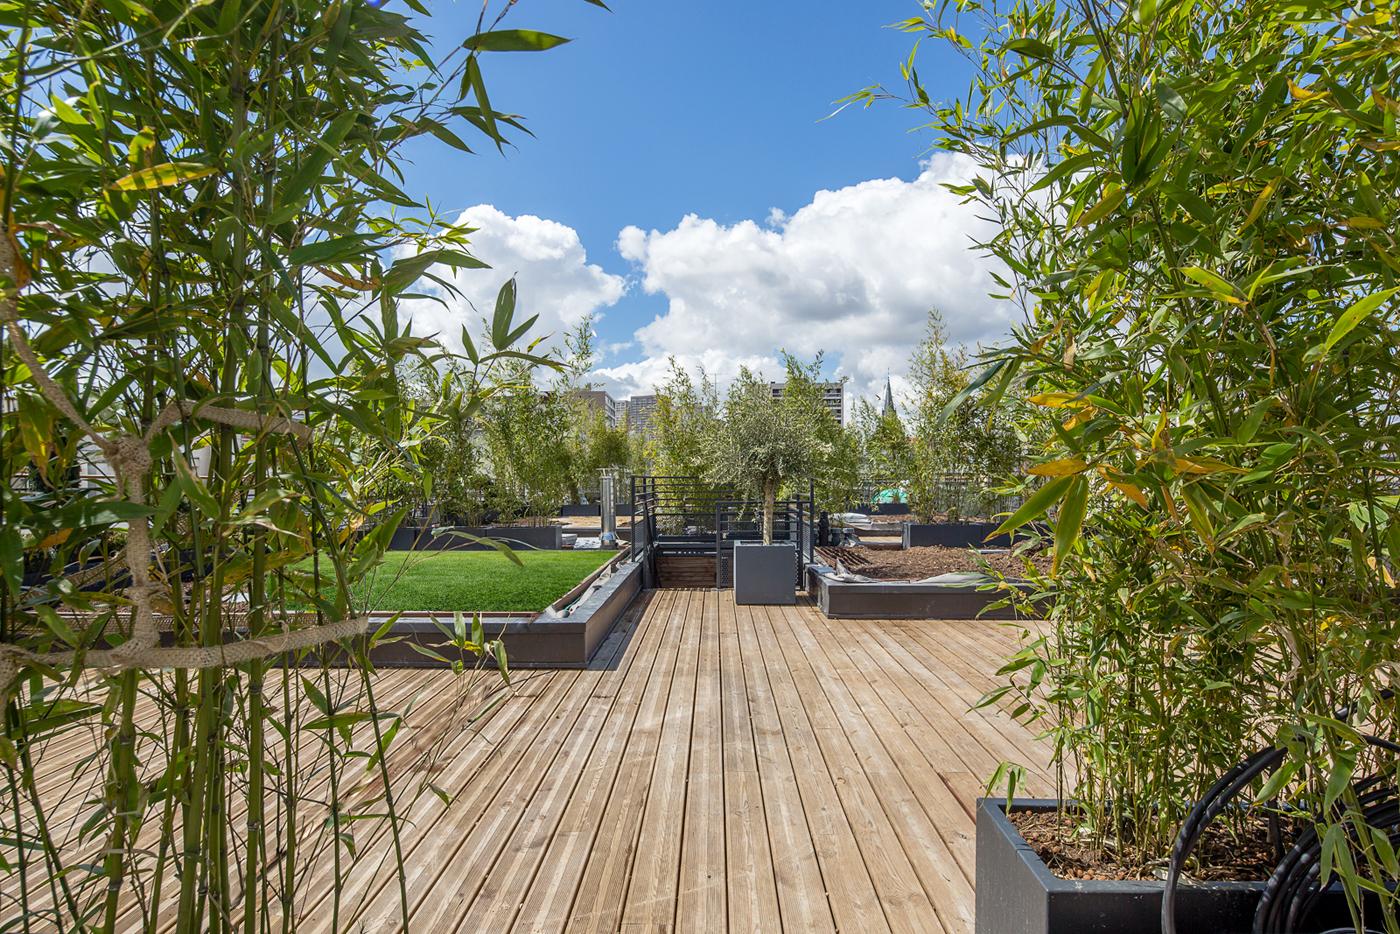 Maisons sur toit charcot paris esprimm for Resto paris terrasse jardin